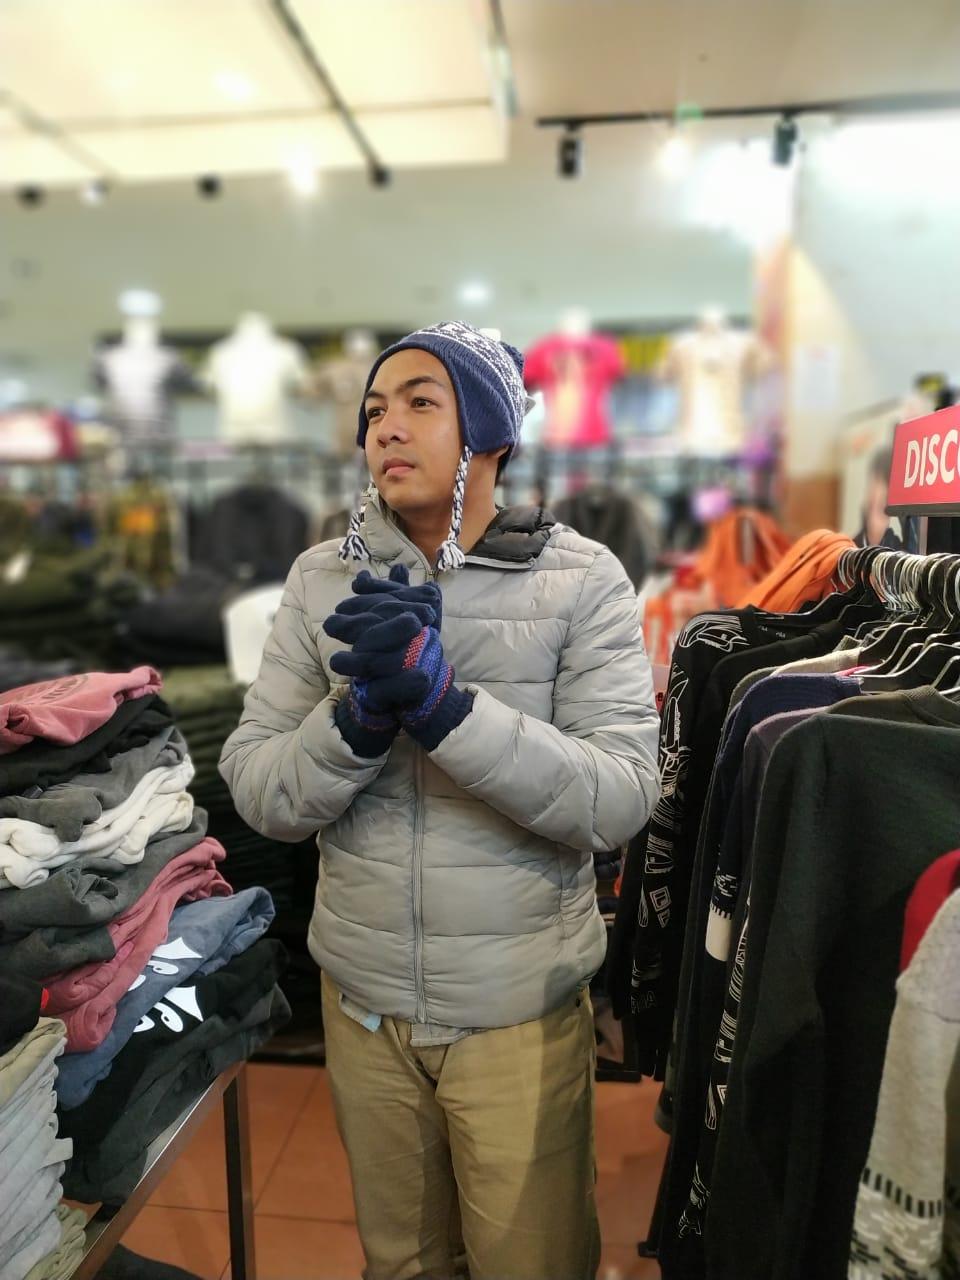 Jaket Musim Dingin Murah & Keren Buat Pergi Berlibur Ke Negara Bersalju